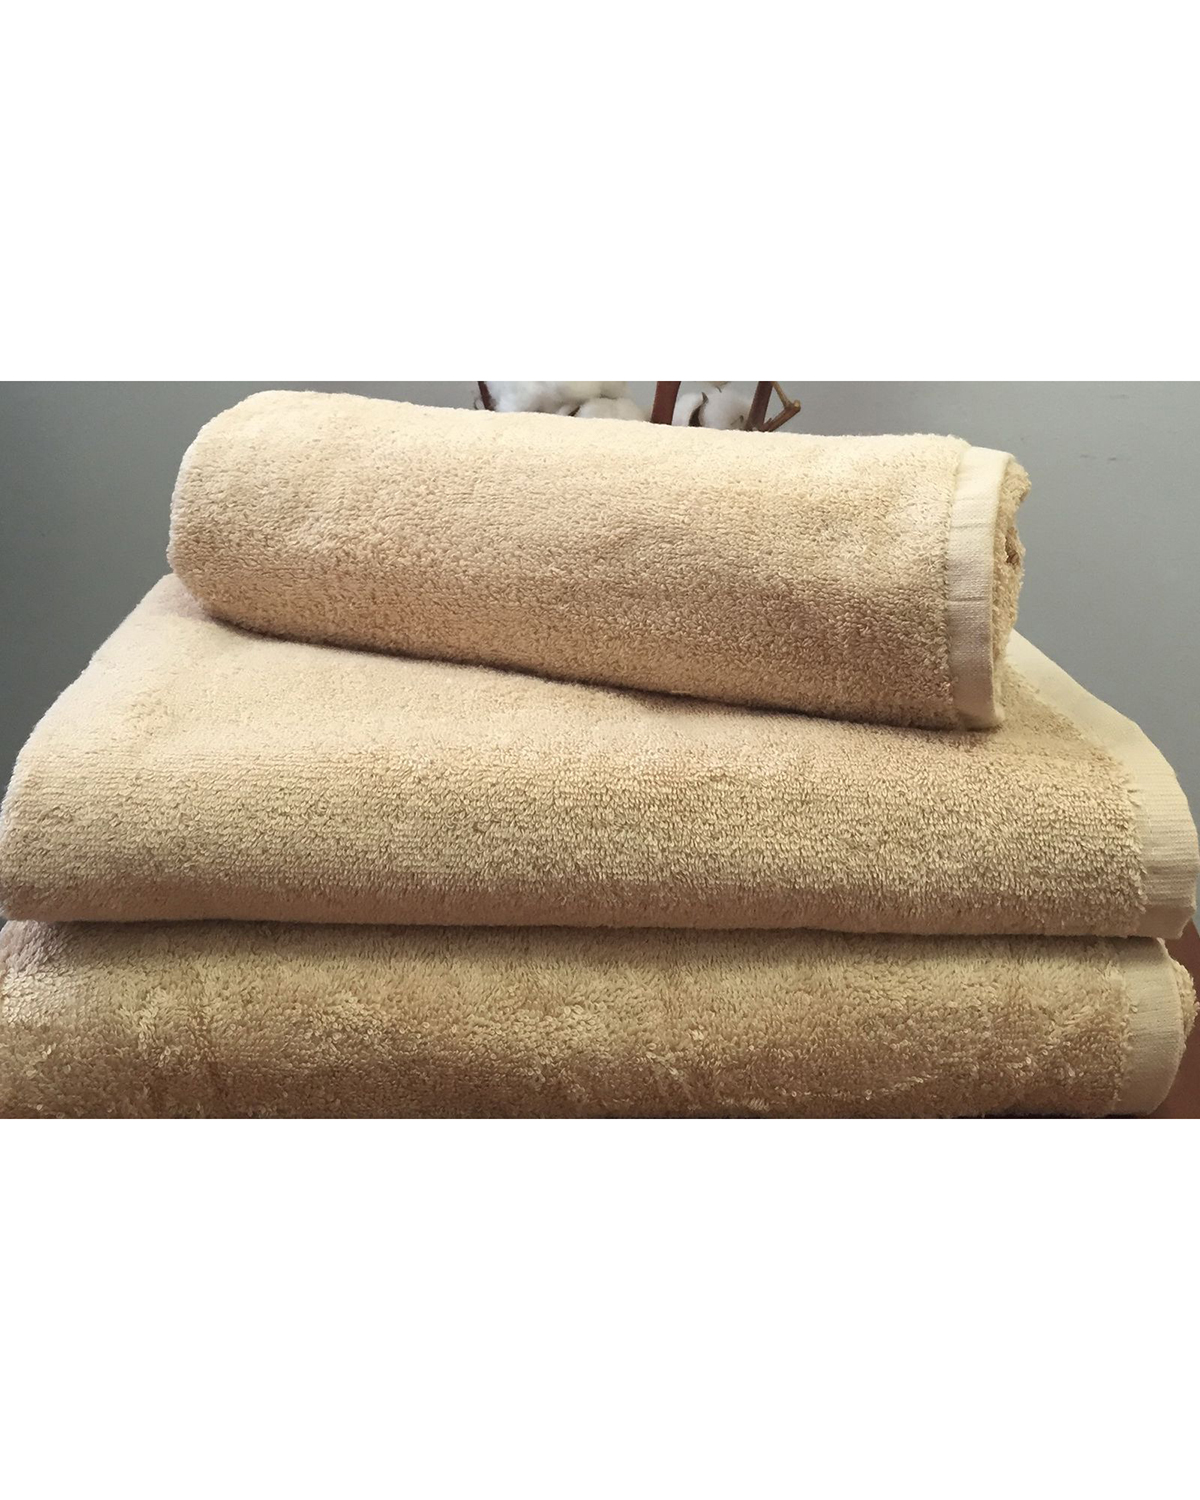 Махровое полотенце пл.500 гр/м2 без бордюров, бежевый